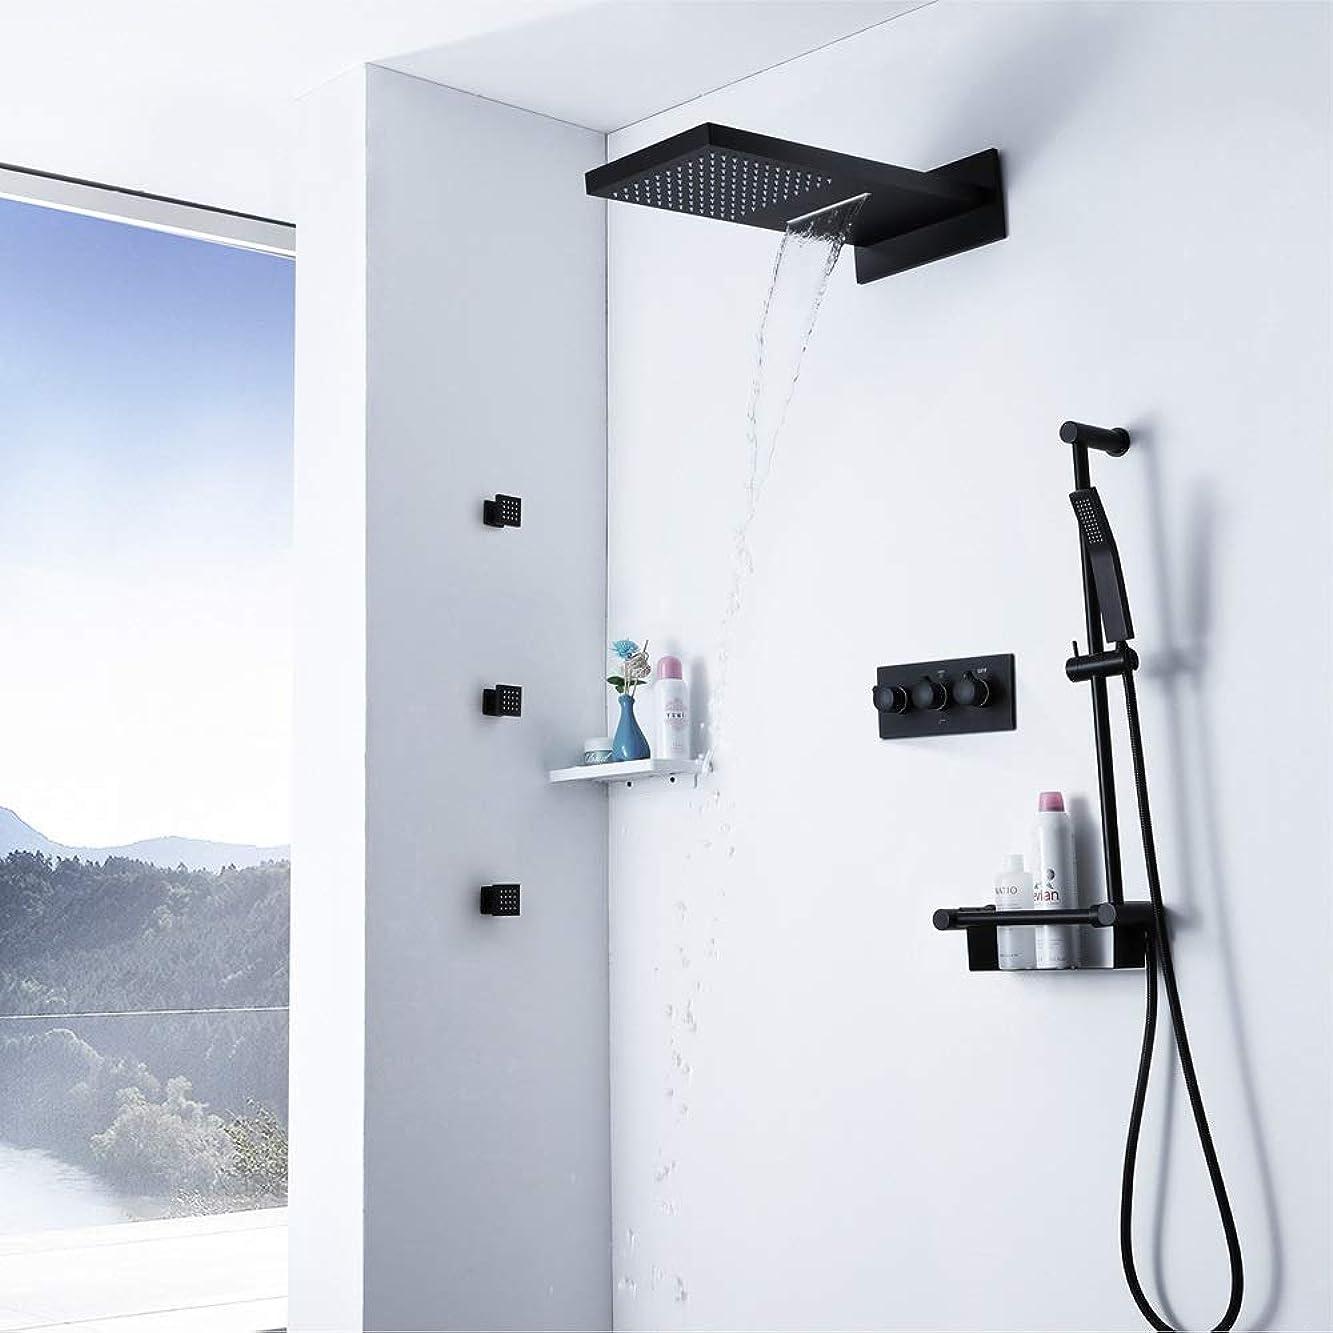 パワーセルキャップ用心深いホットコールドボディダークローディングウォールタイプラック付き昇降式ハンドシャワーシステム銅滝トップスプレーバスルームシャワーセットブラックベルト3サイドスプレー シンプルで実用的